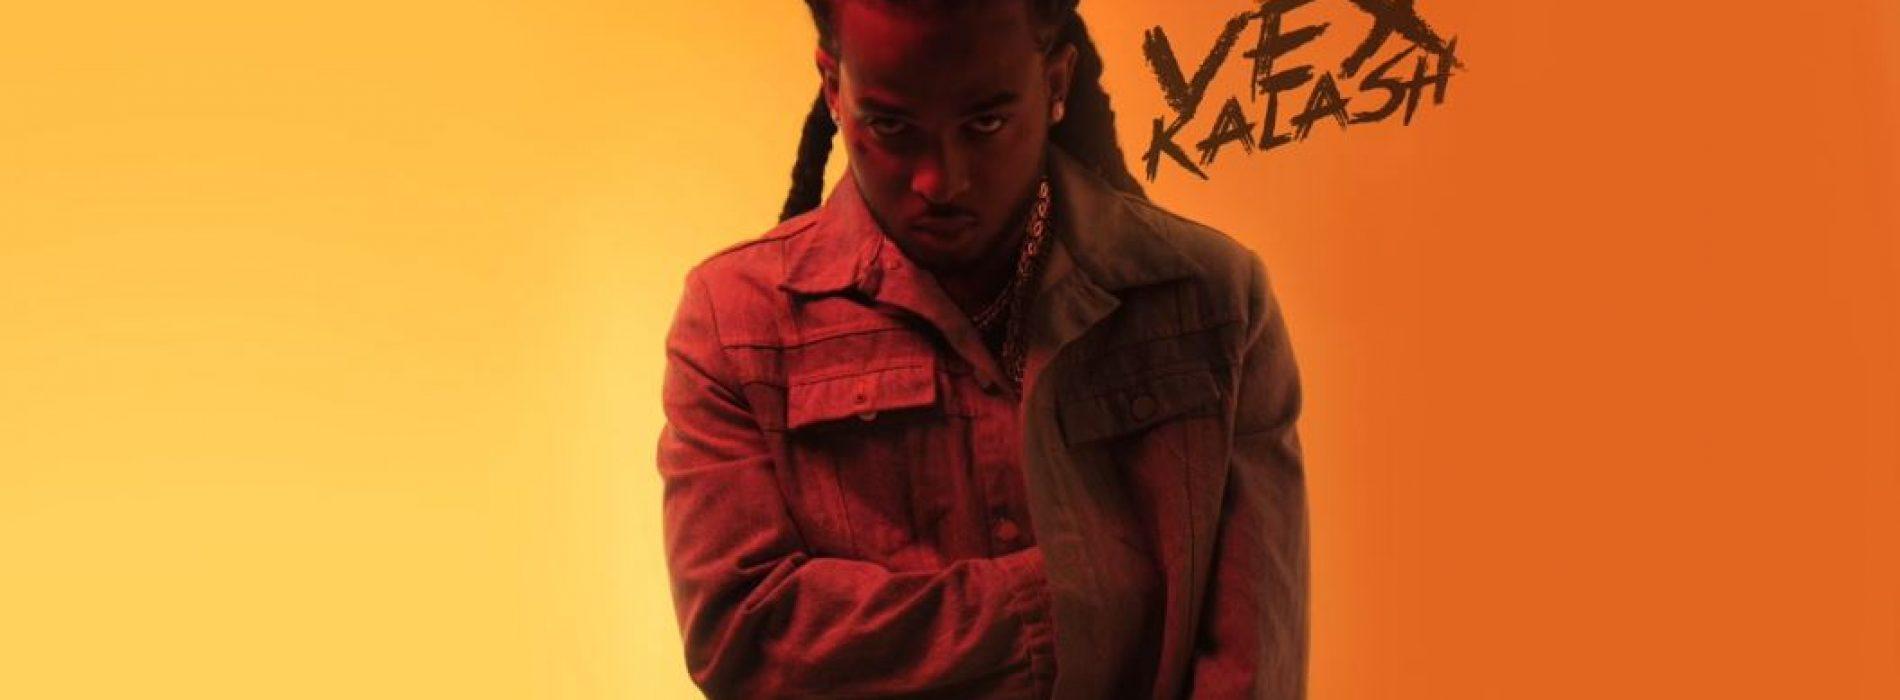 KALASH balance du lourd, écoute son dernier titre – Vex – Aôut 2017